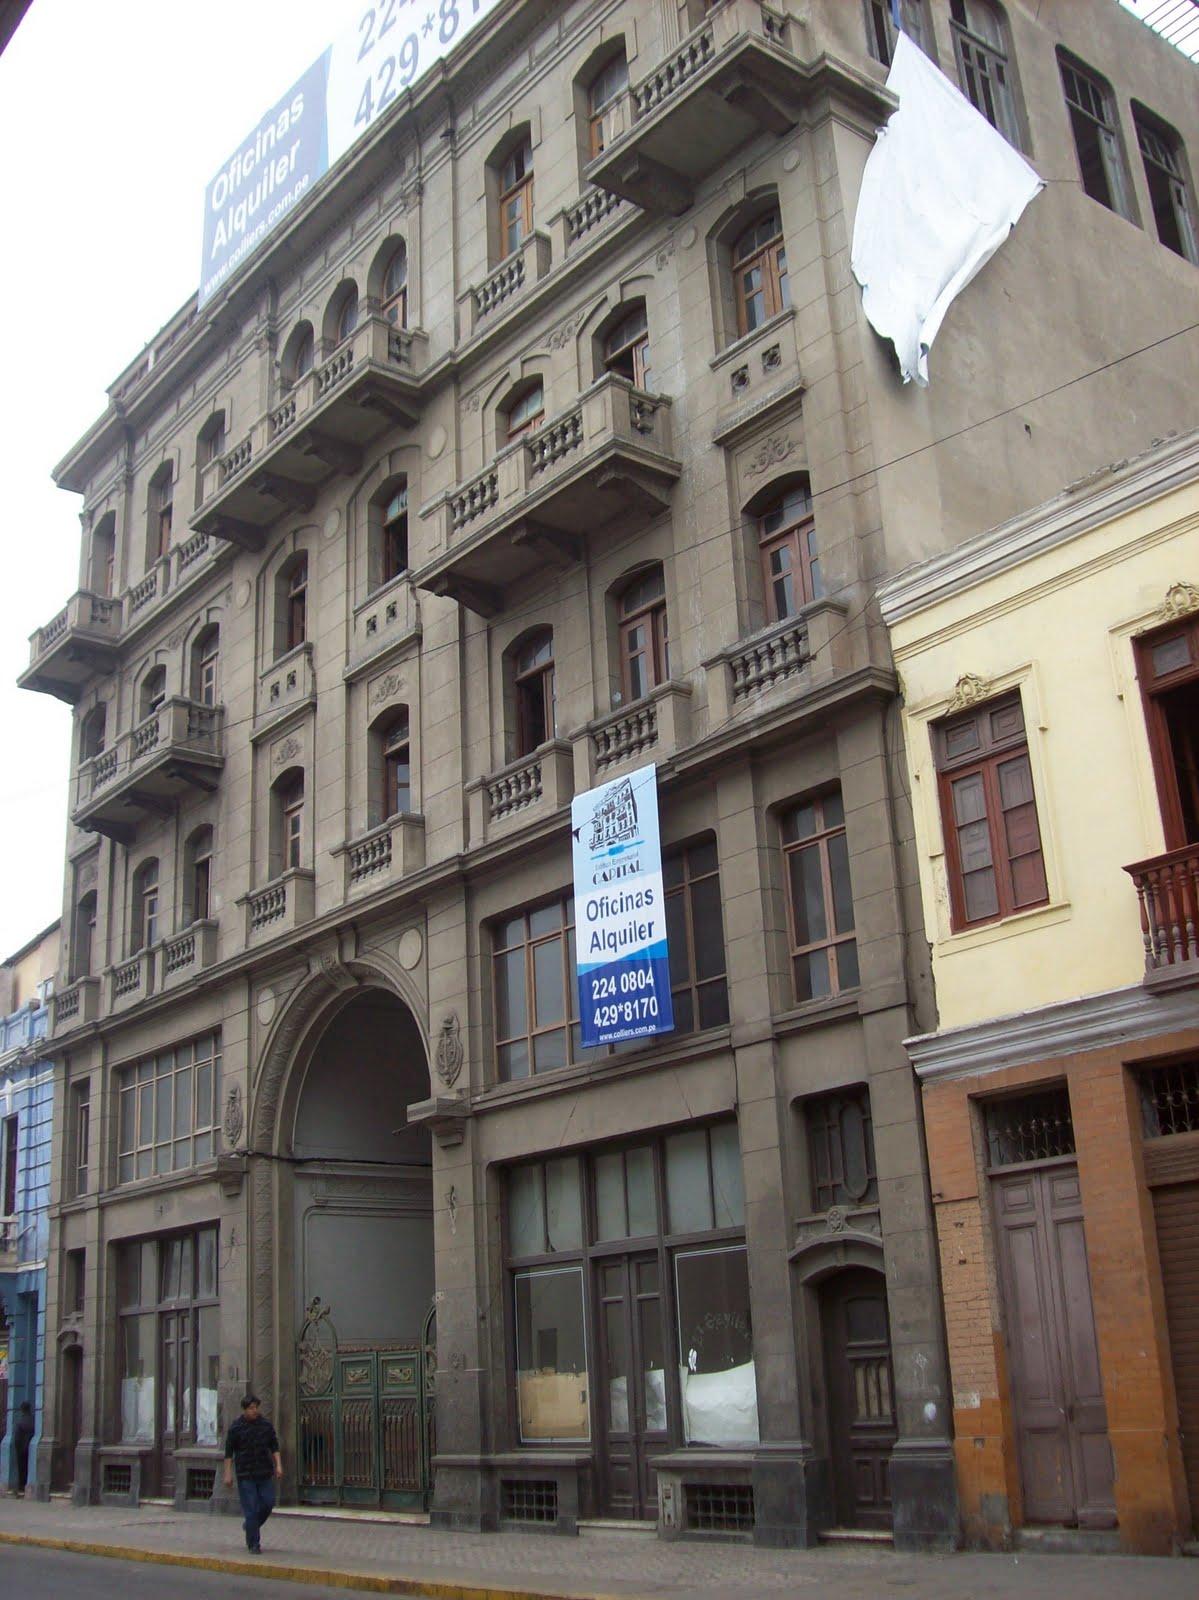 Figura 3. Actual Imagen del edificio - Ingreso principal por el Jirón